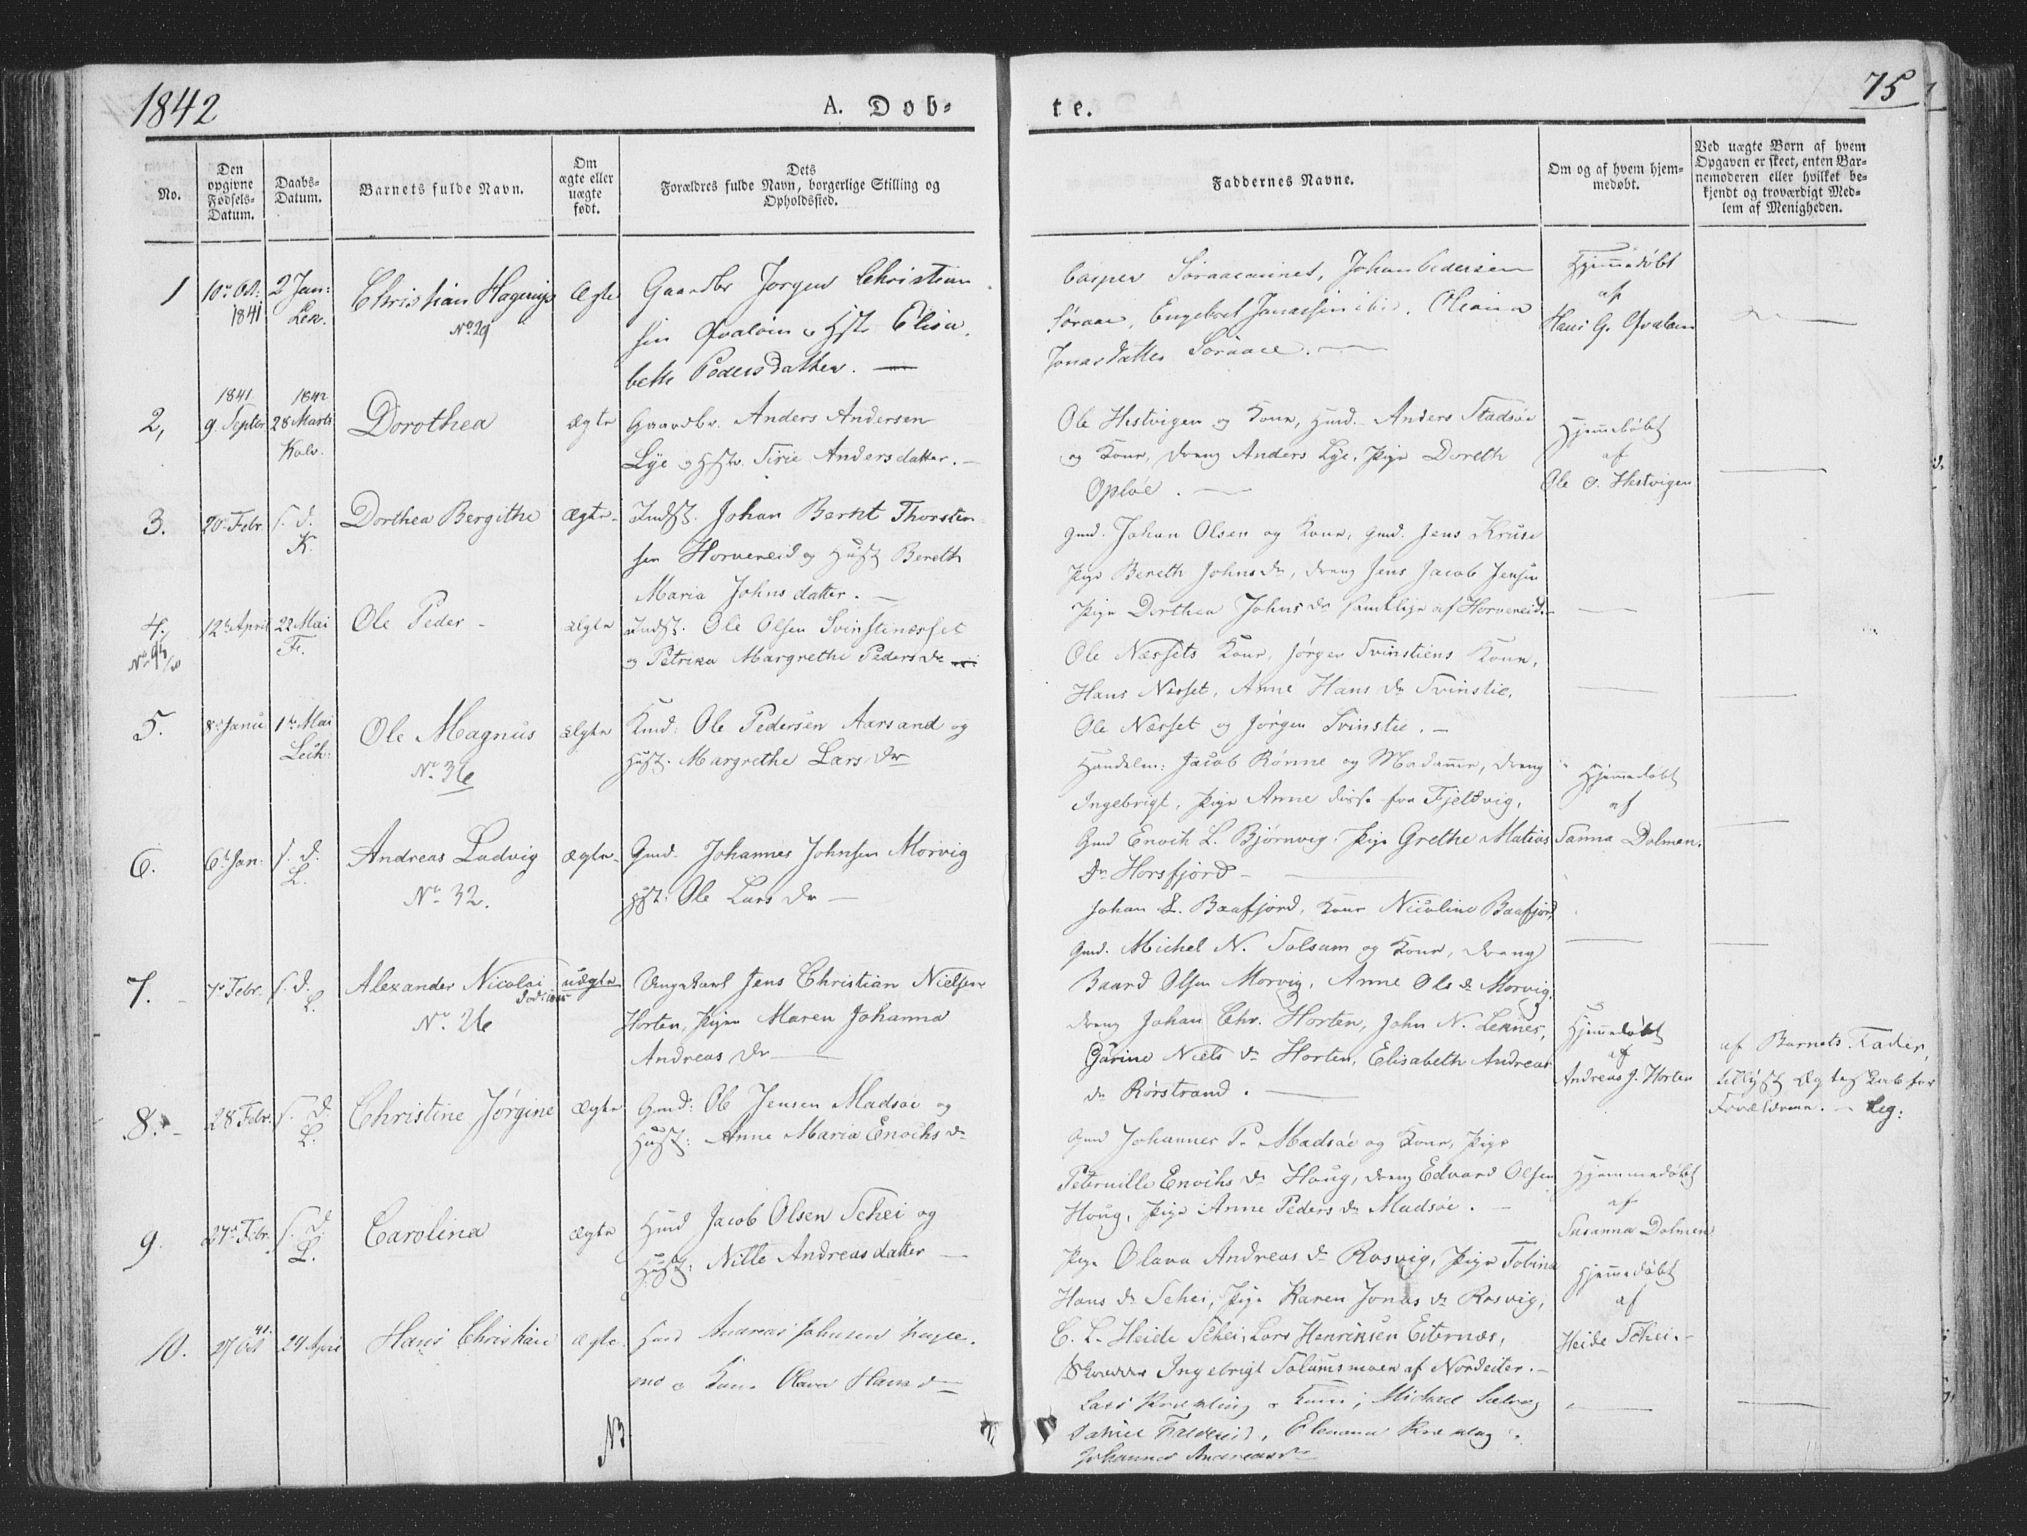 SAT, Ministerialprotokoller, klokkerbøker og fødselsregistre - Nord-Trøndelag, 780/L0639: Ministerialbok nr. 780A04, 1830-1844, s. 75